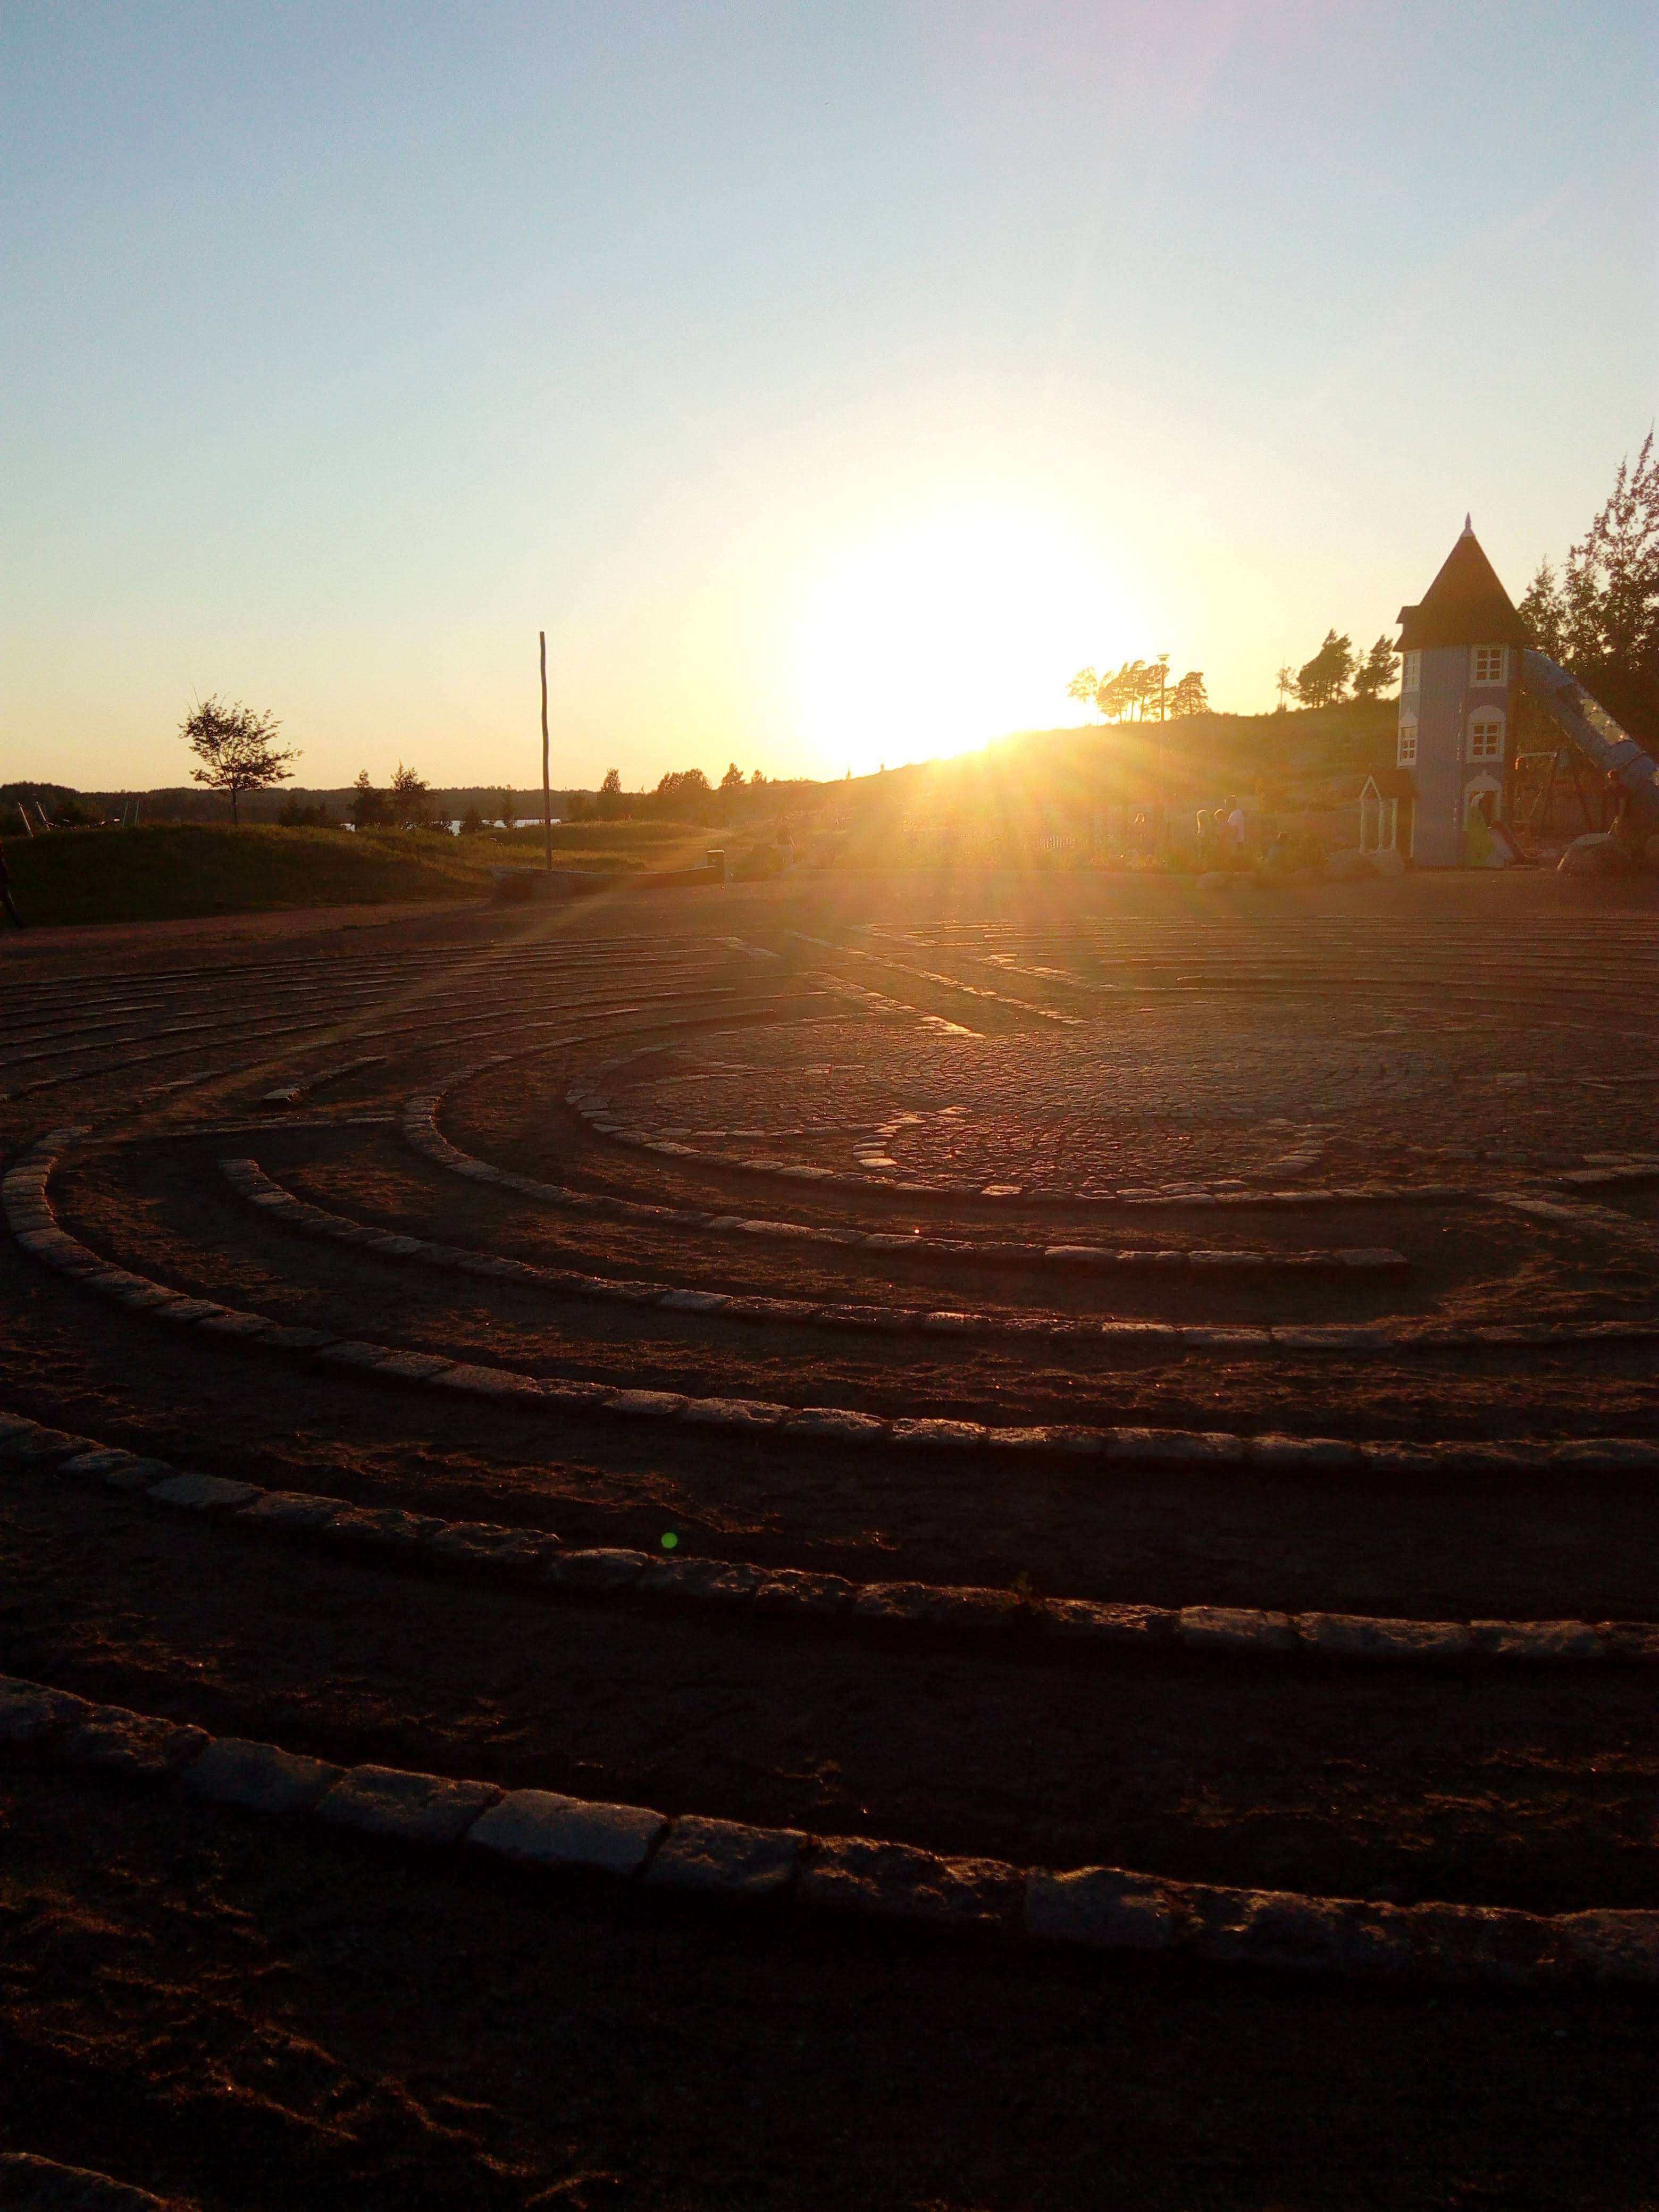 Maassa kivistä rakennettuja rengaskuvioita, taustalla auringonlasku.